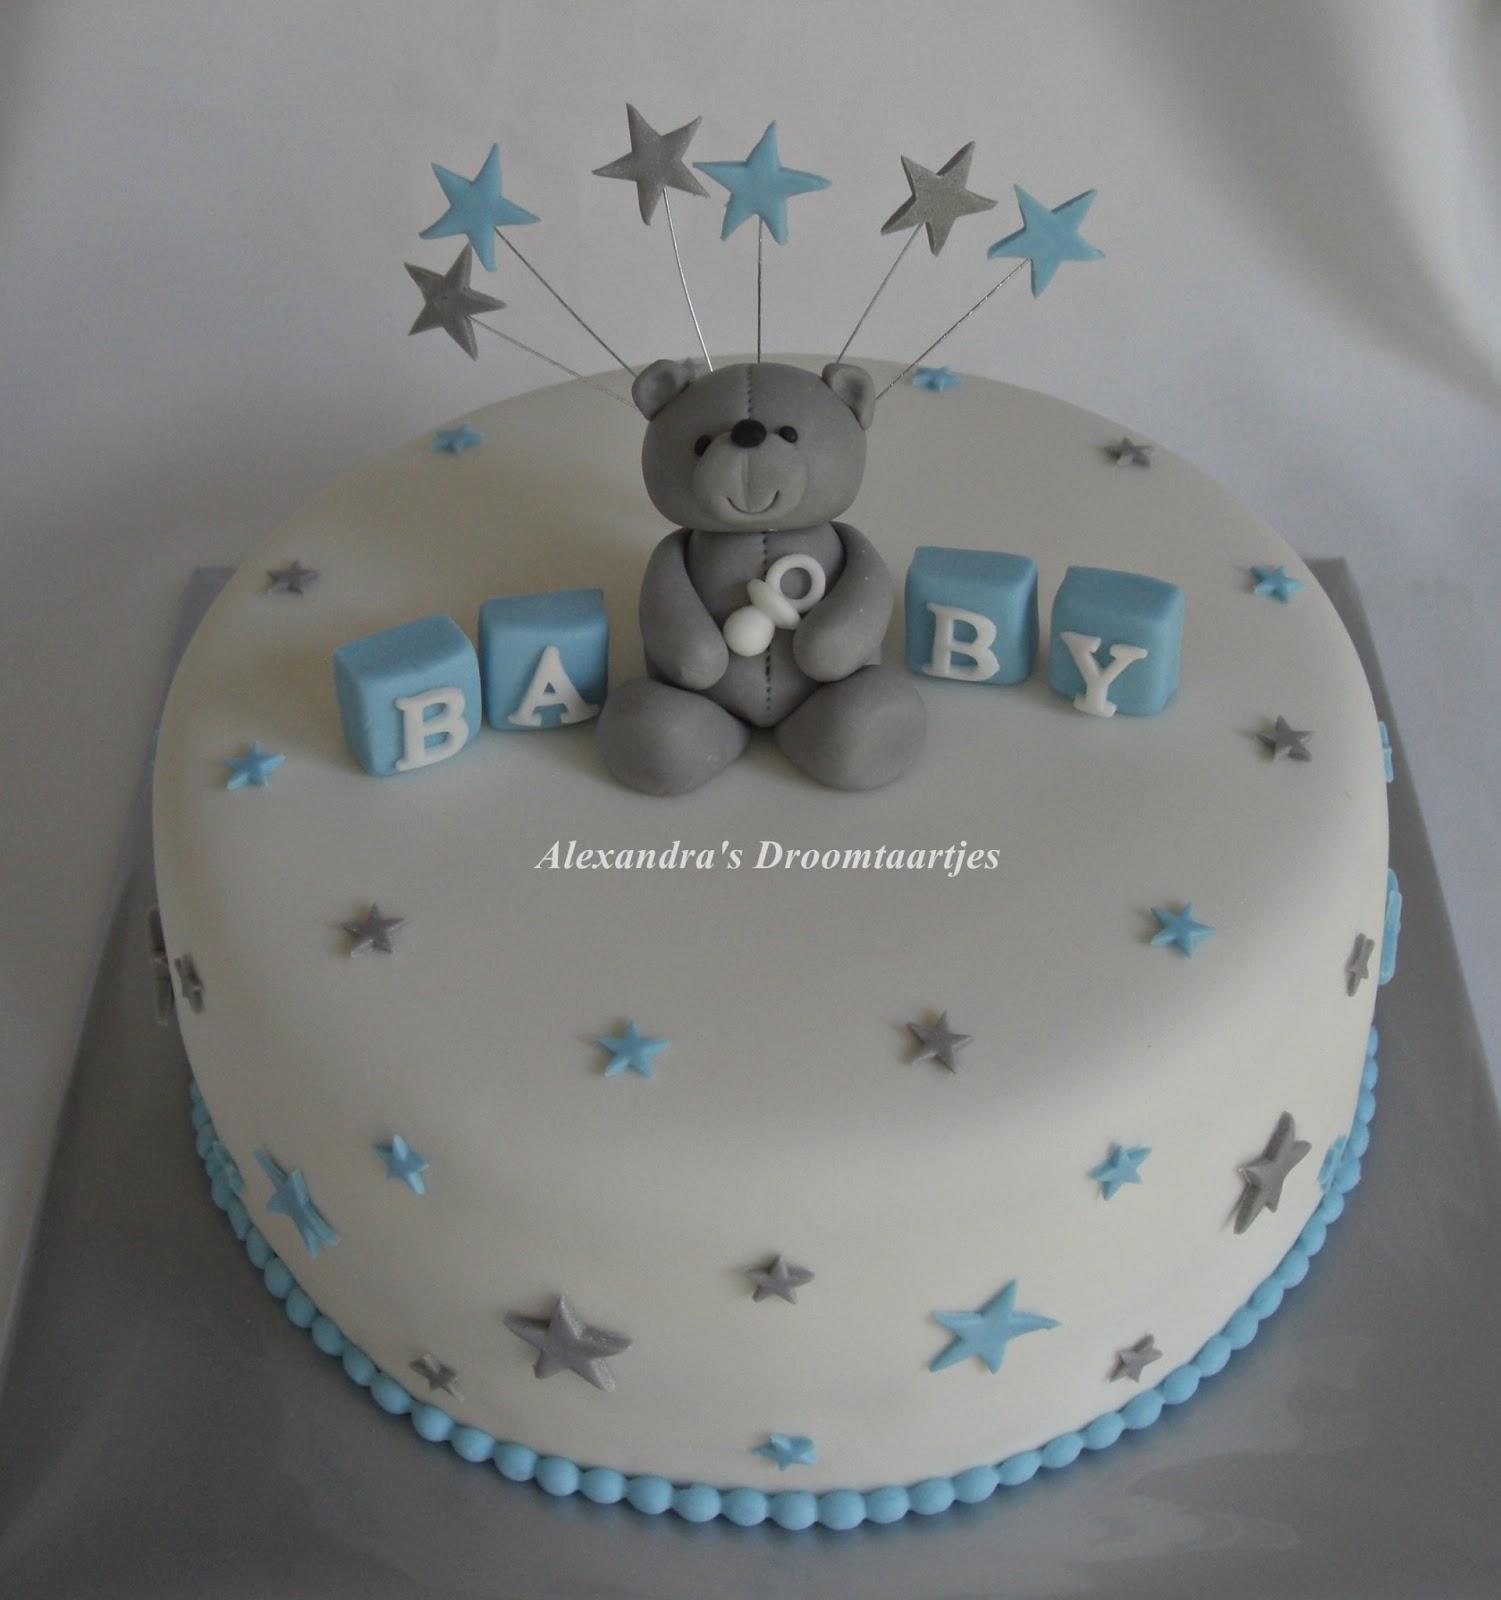 taart babyshower Babyshower taart jongen | Alexandra's droomtaartjes taart babyshower